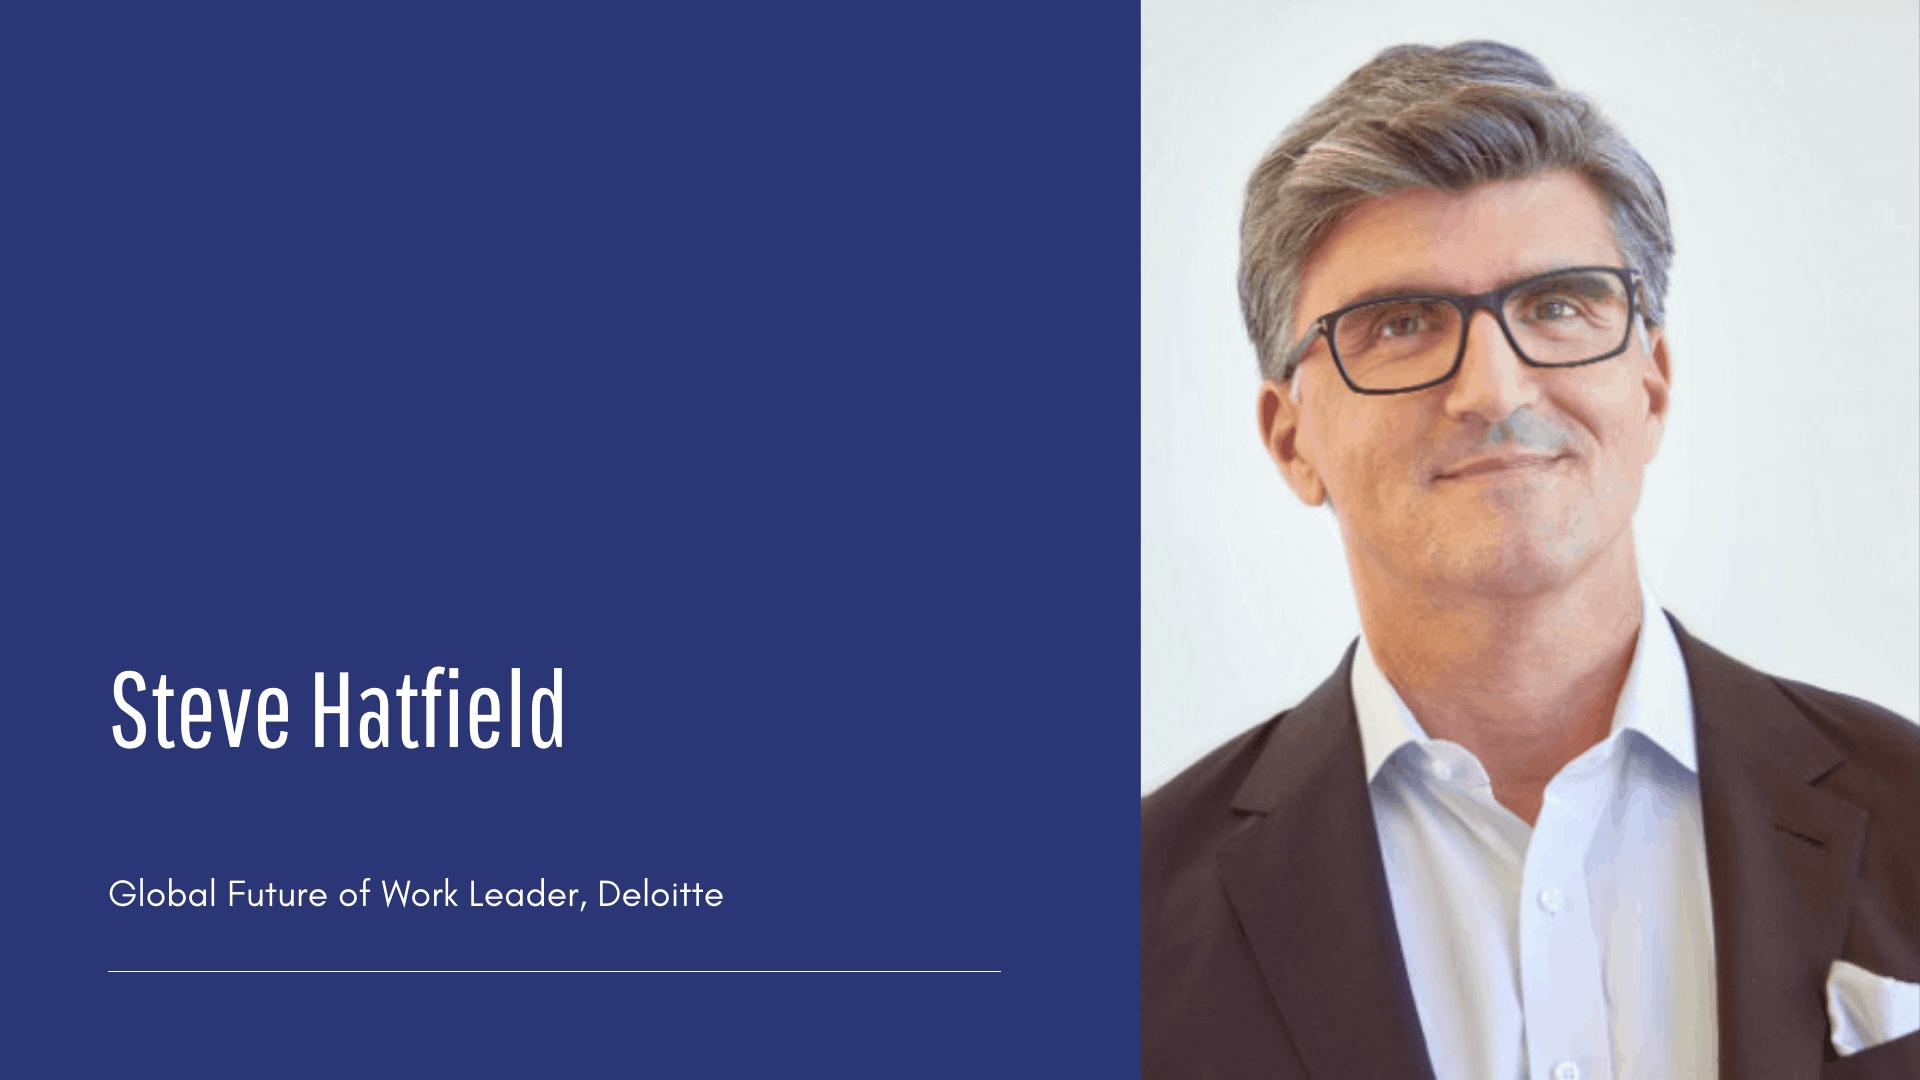 Steve Hatfield Deloitte